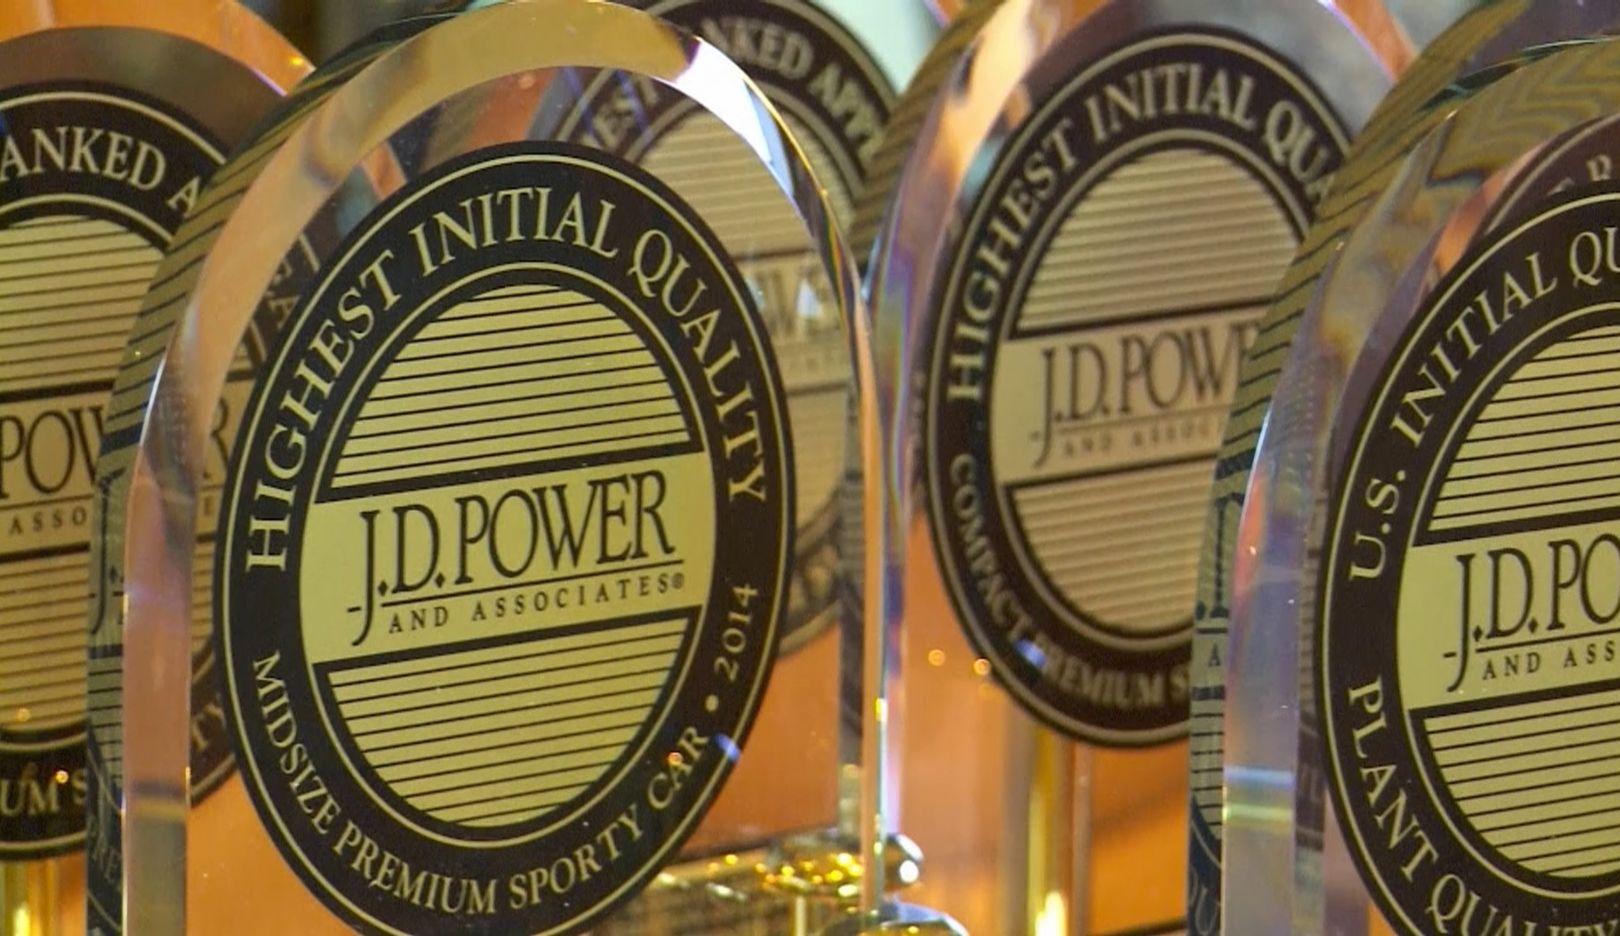 JD Power, 2015, Porsche AG